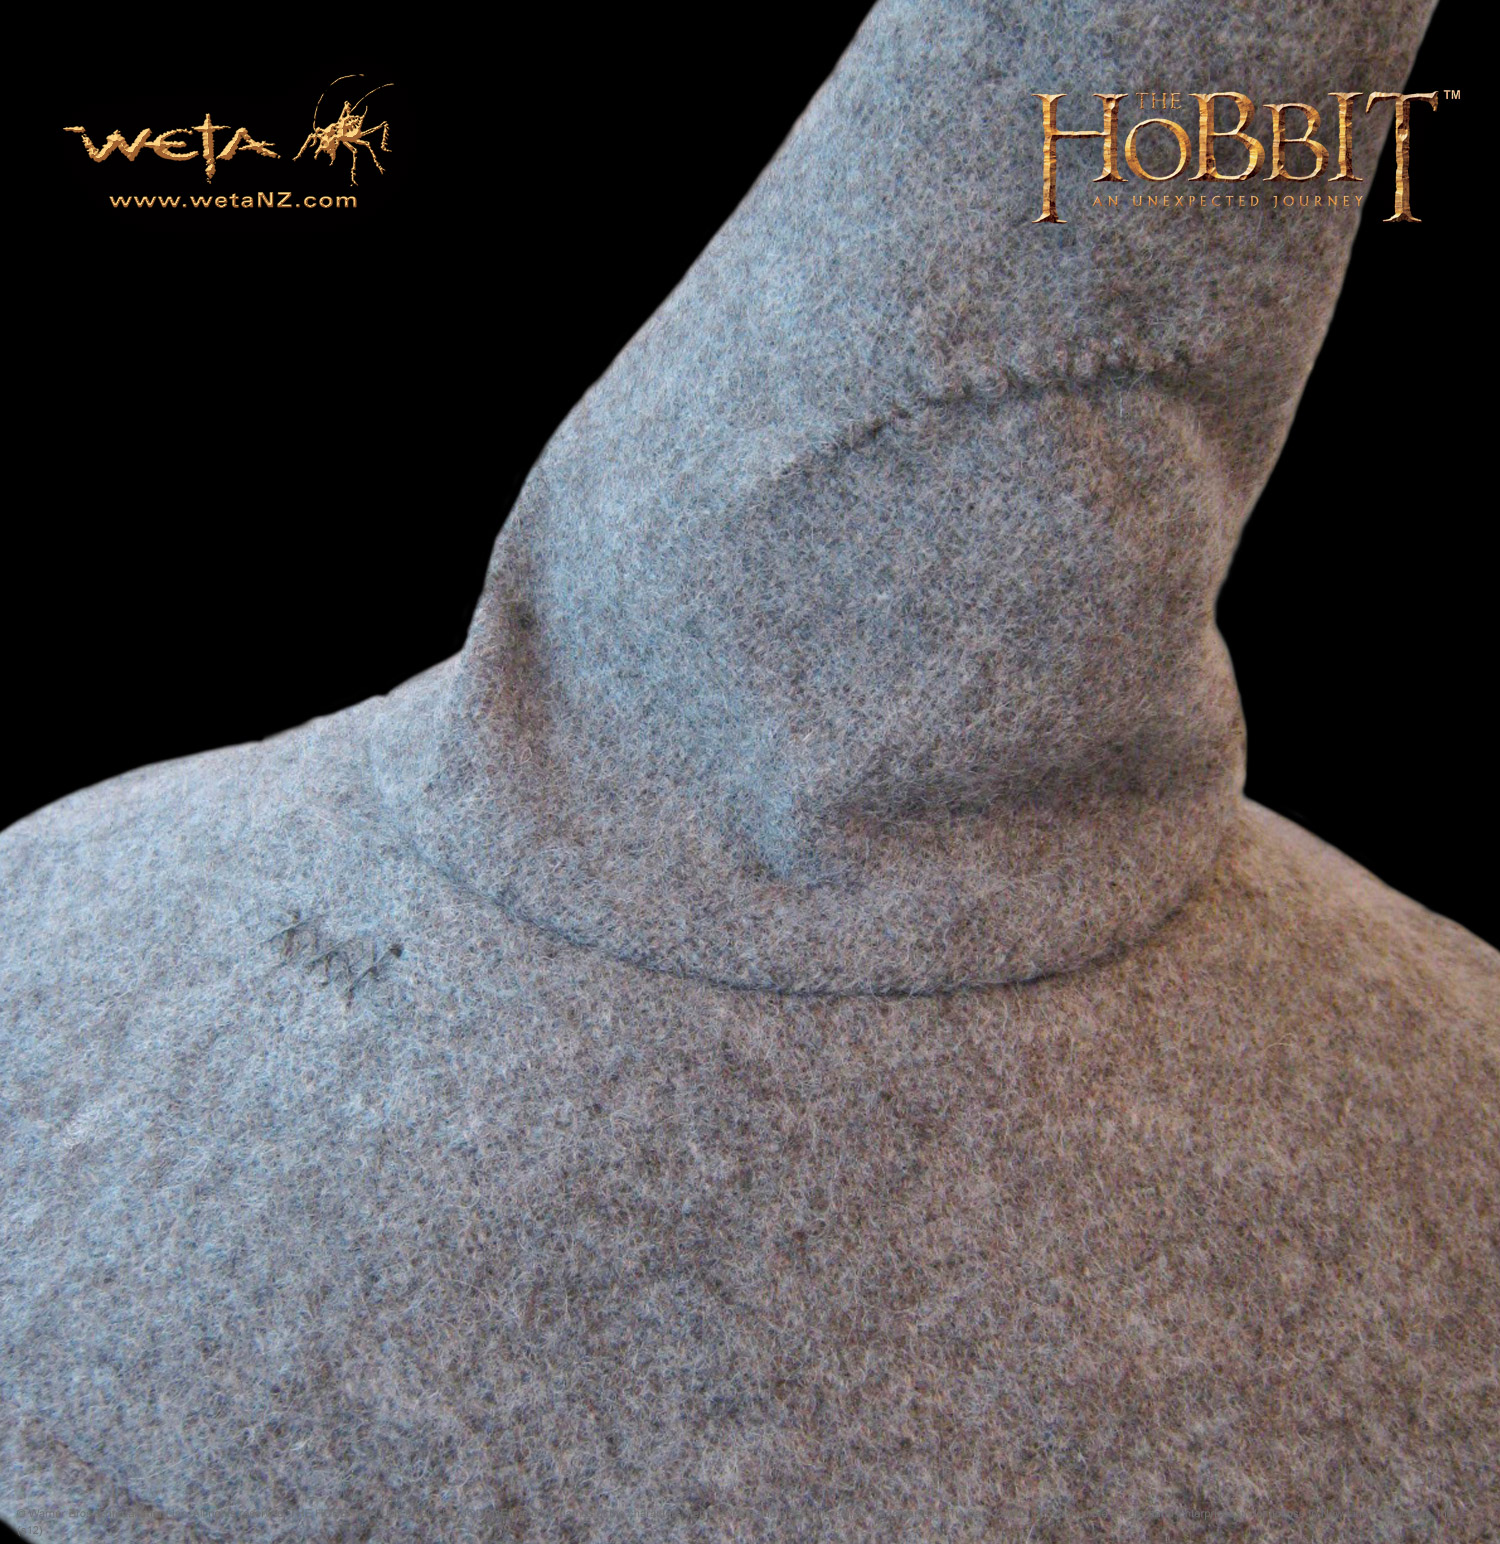 ホビット 思いがけない冒険 灰色のガンダルフの帽子